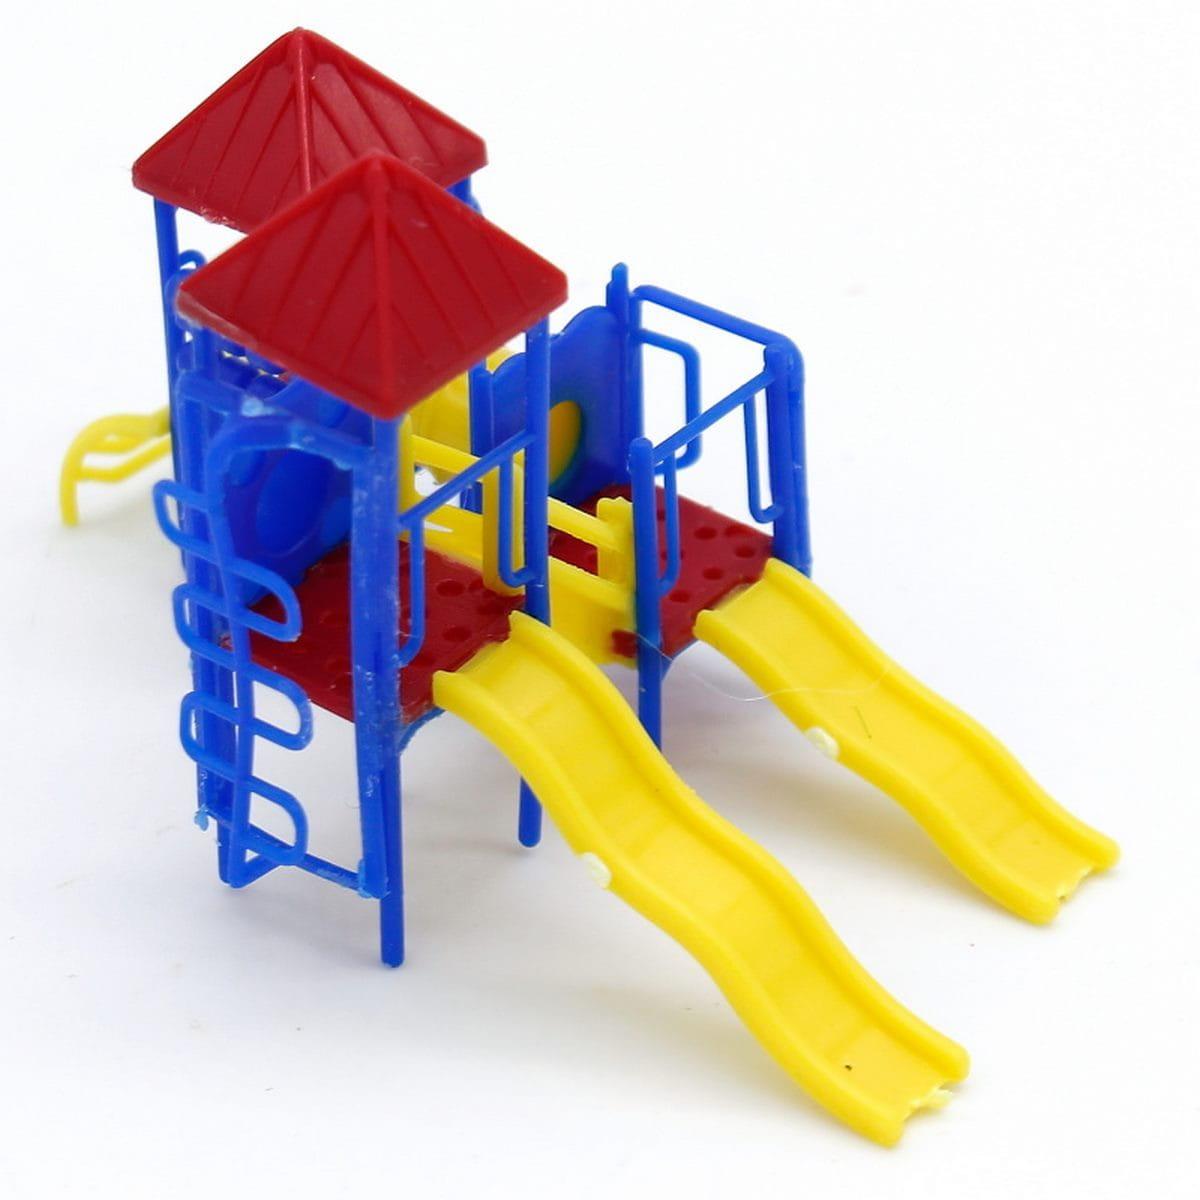 Miniature Play Ground